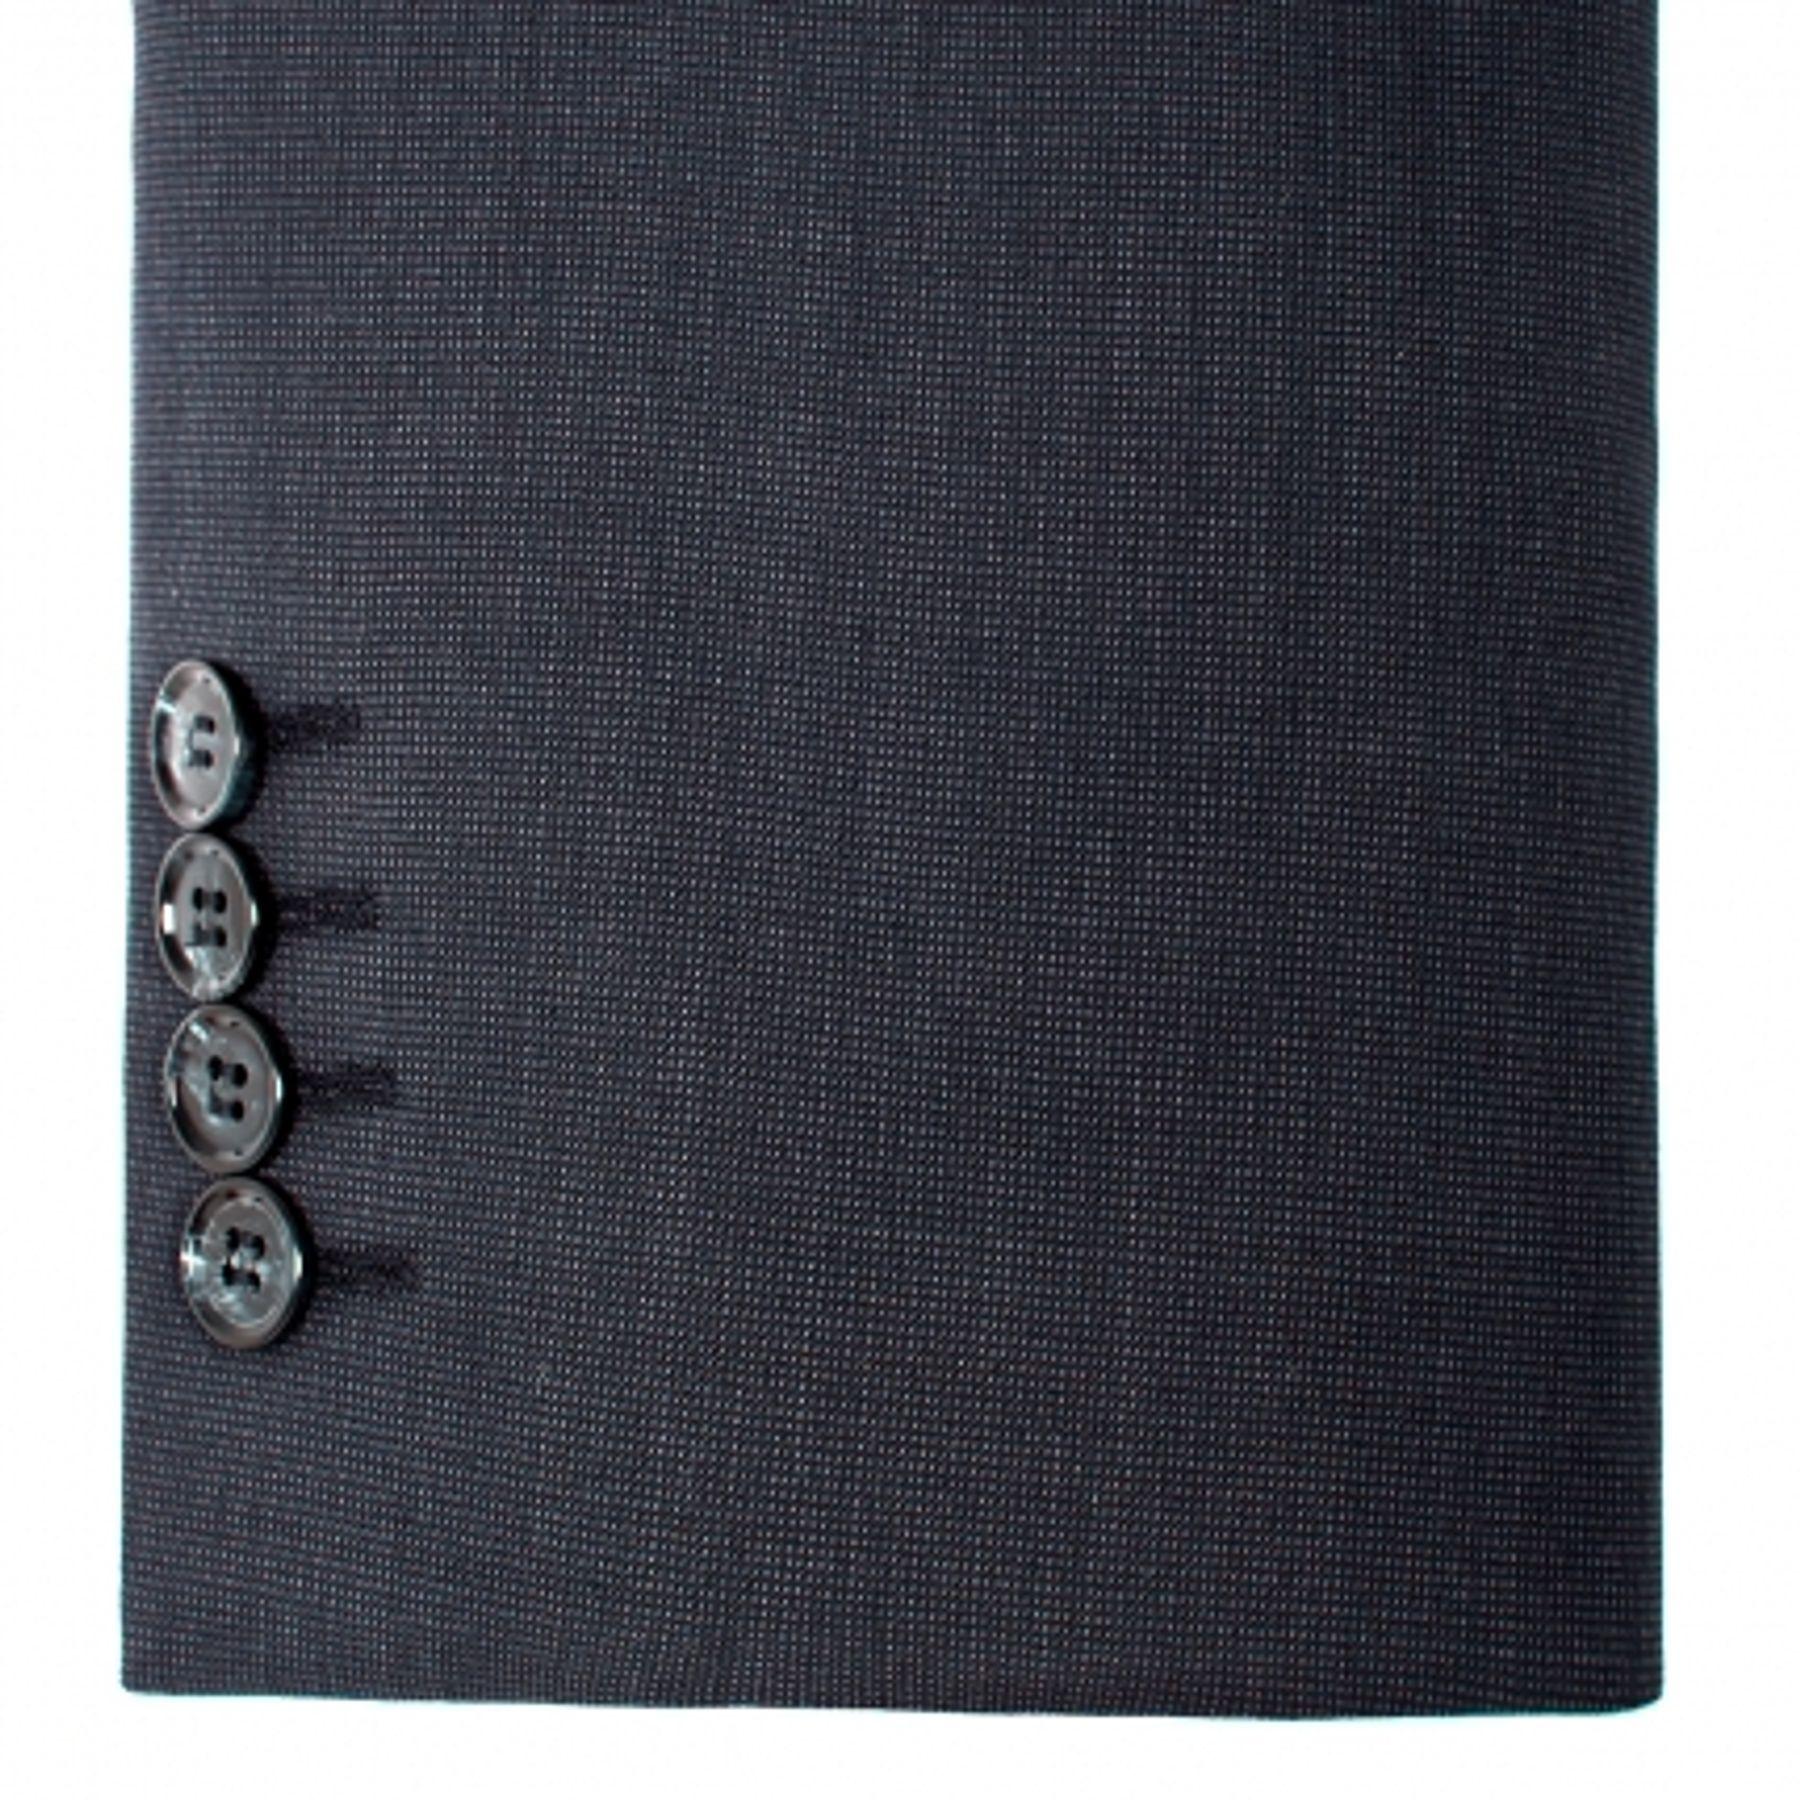 Benvenuto Purple - Regular Fit - Herren Baukasten Sakko für modernen Business-Anzug, Leonardo (20659, Modell: 20002) – Bild 4